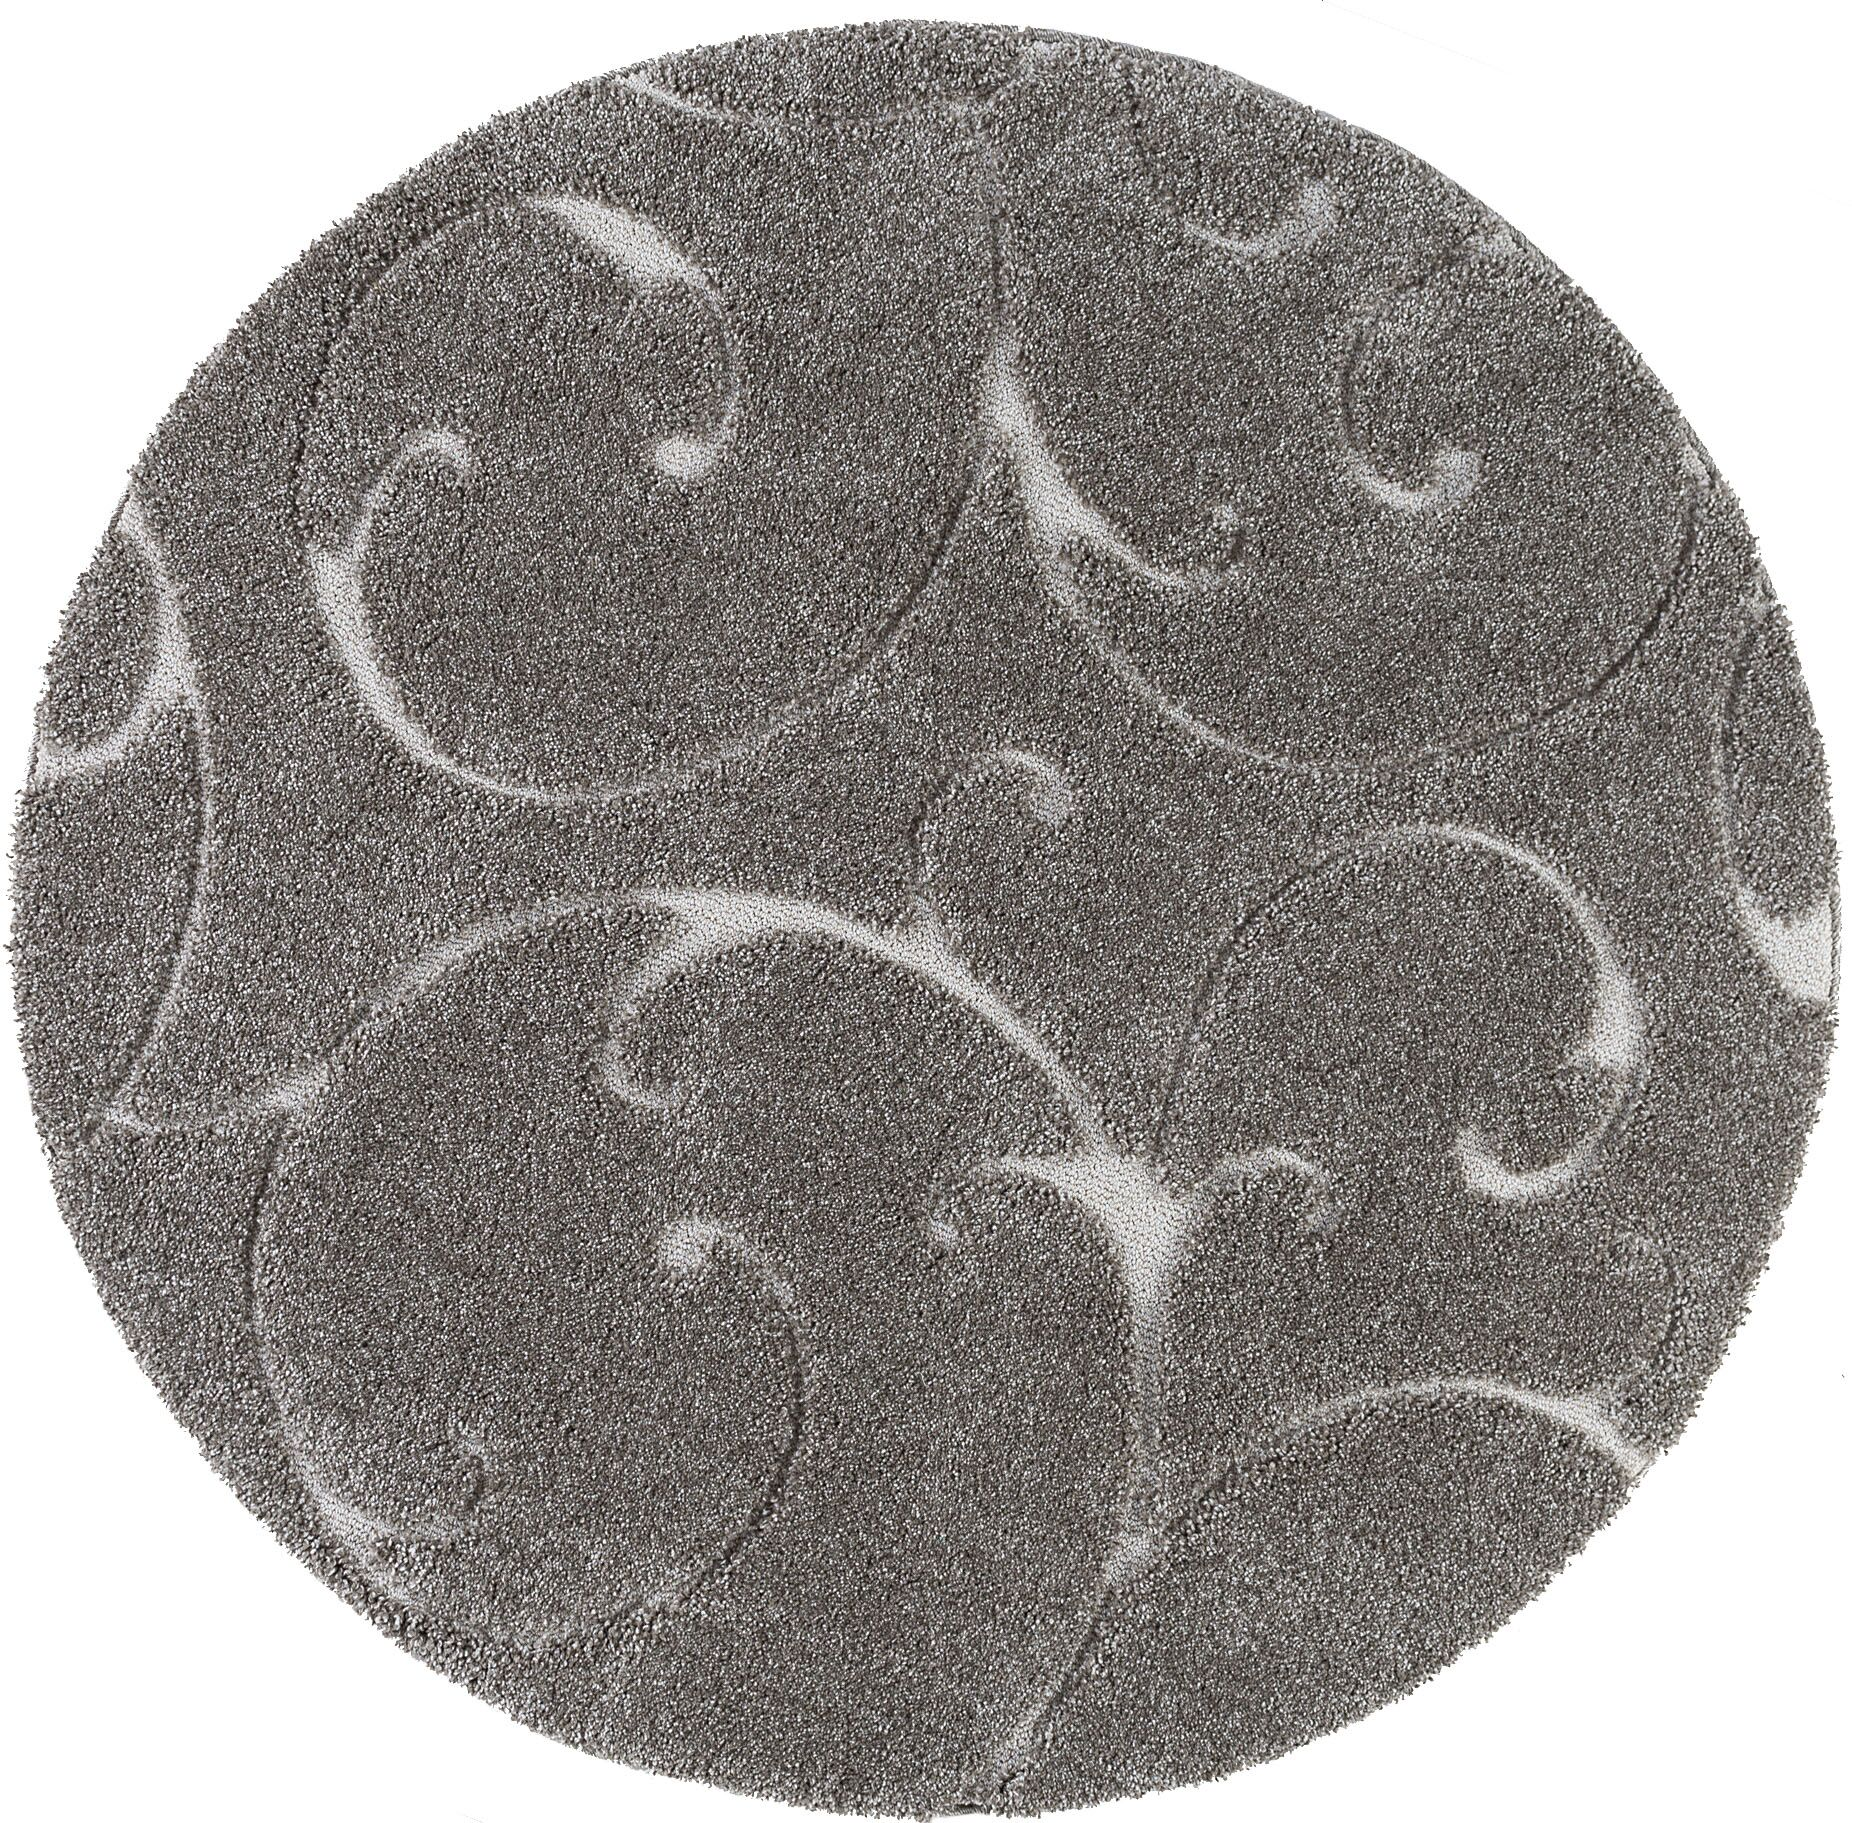 Edda Scrollwork Gray Area Rug Rug Size: Oval 6'7